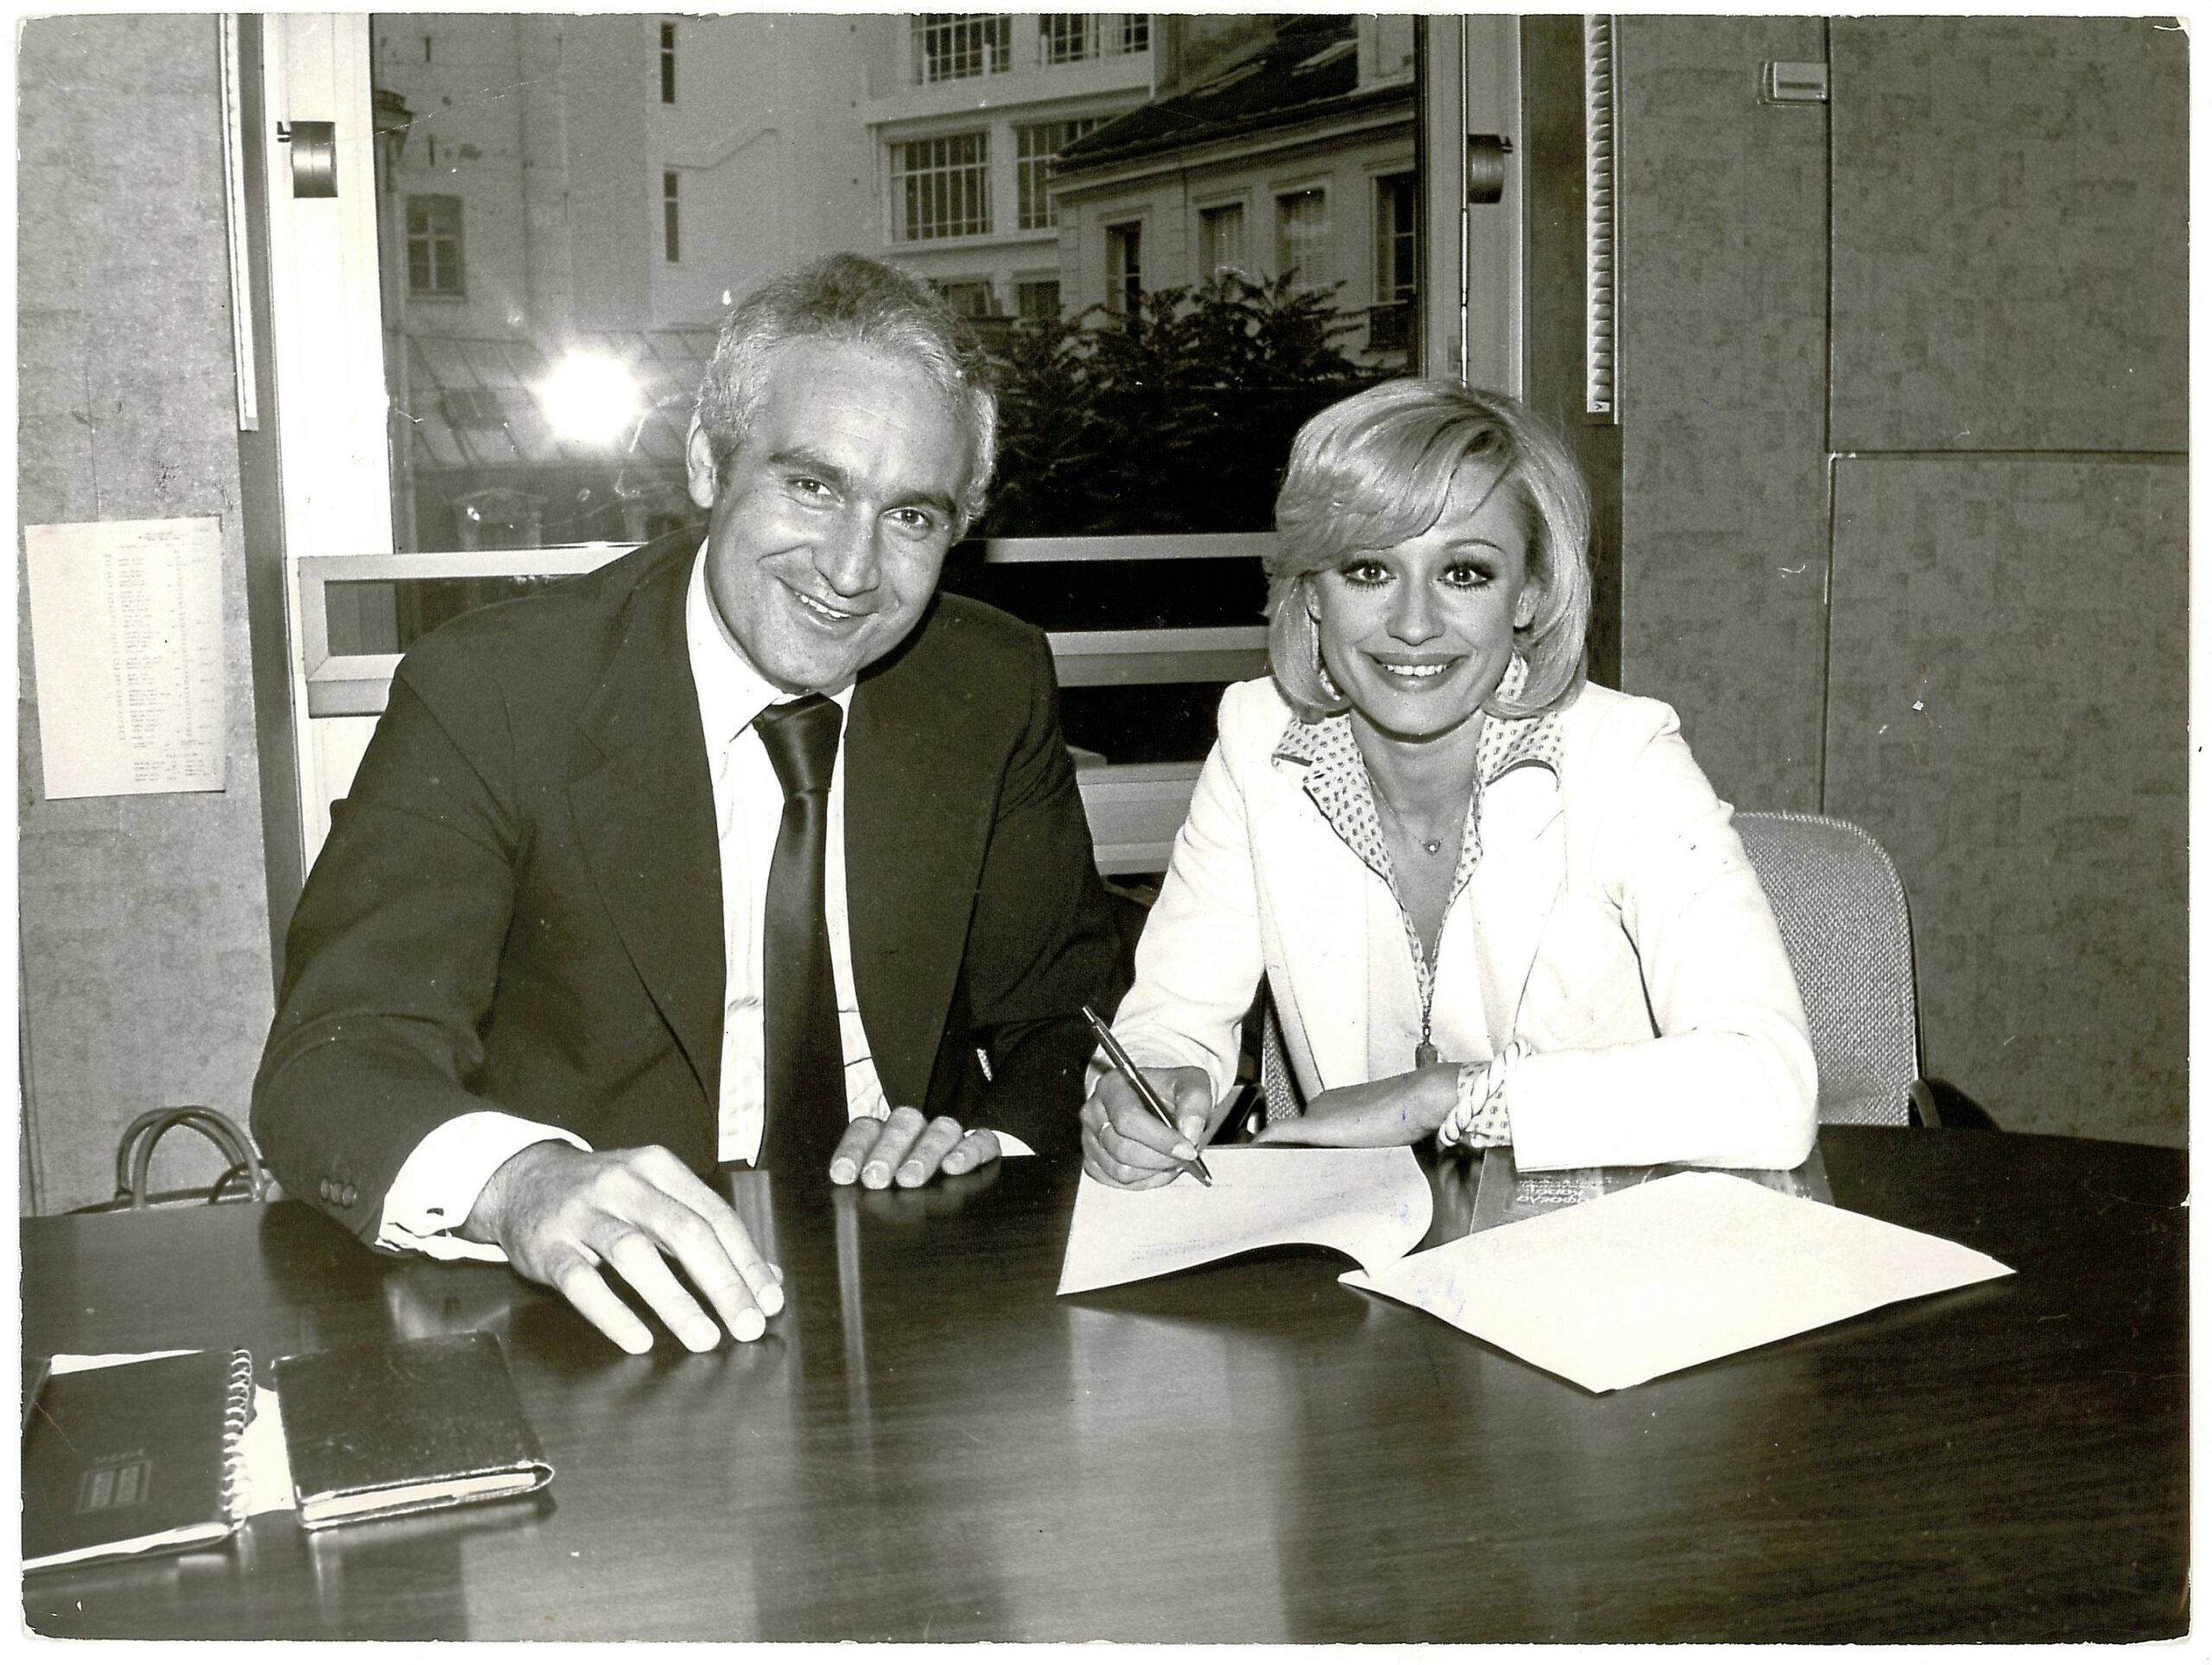 Raffaella Carrà, 1980